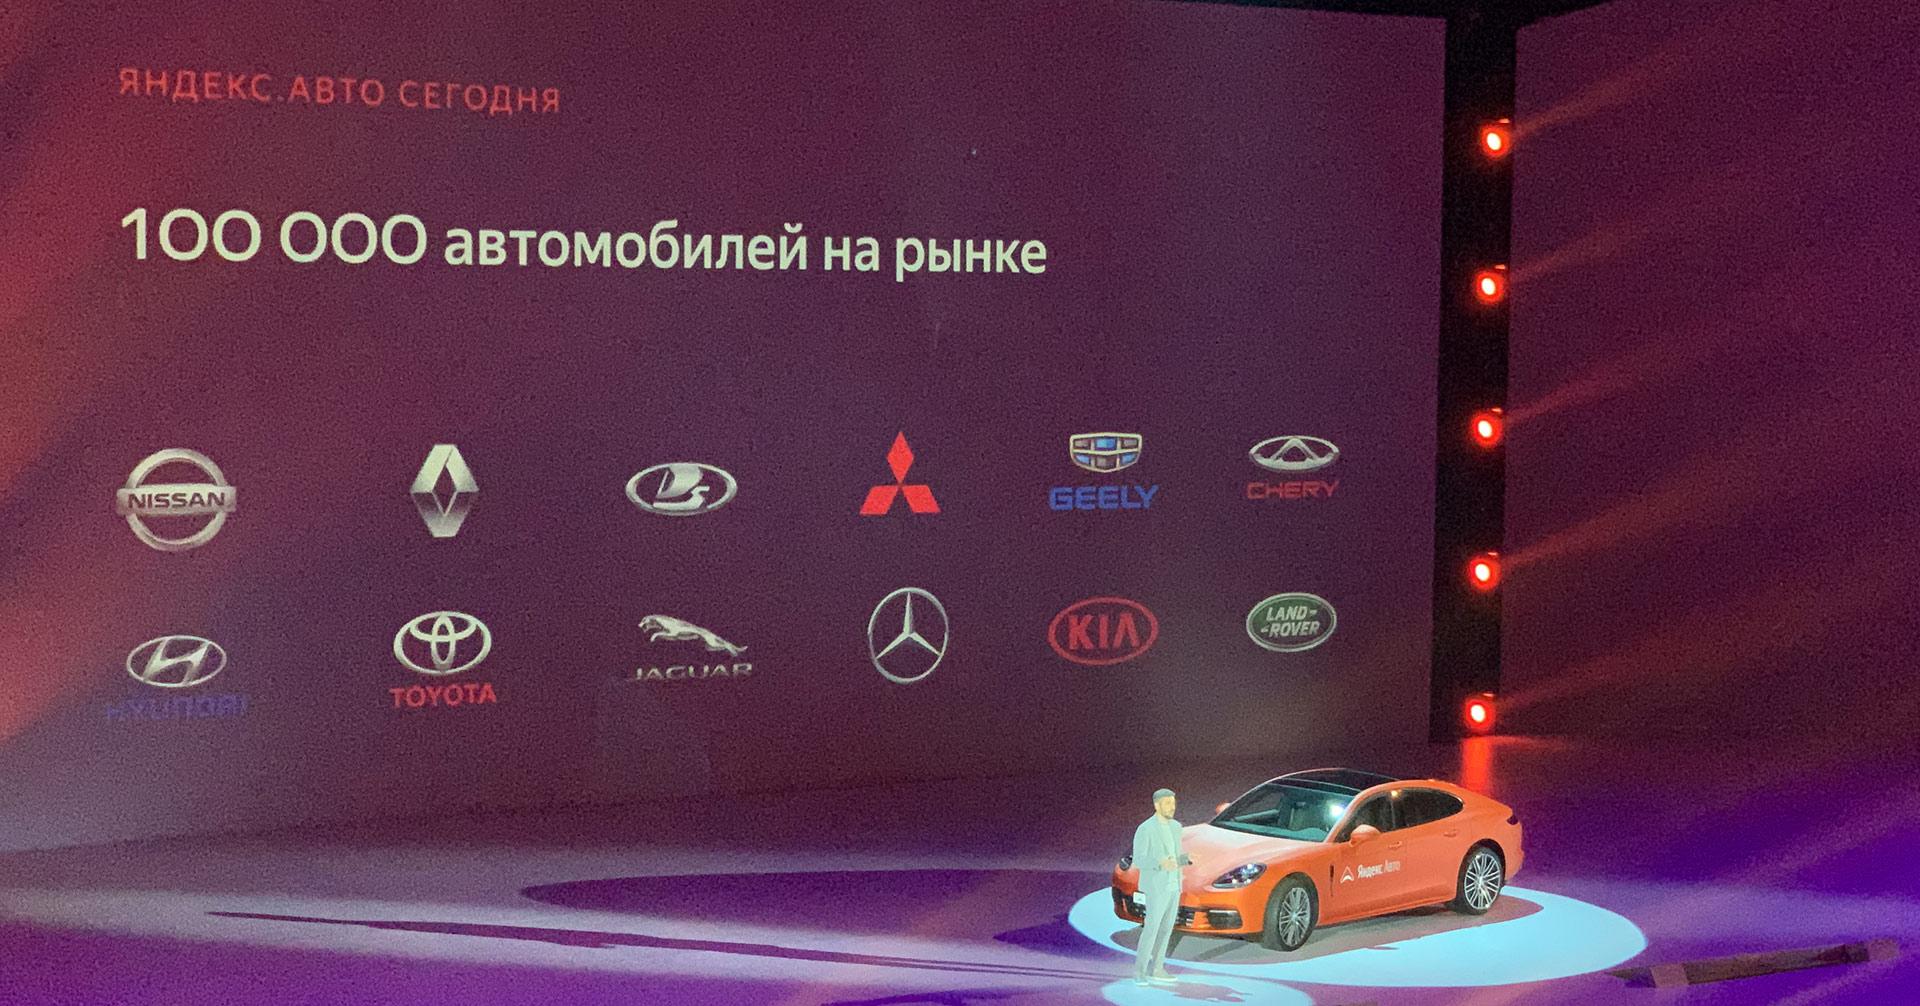 Главное с YaC 2019: сотня беспилотников на дорогах, Яндекс.Модуль, еда, умный дом - 4